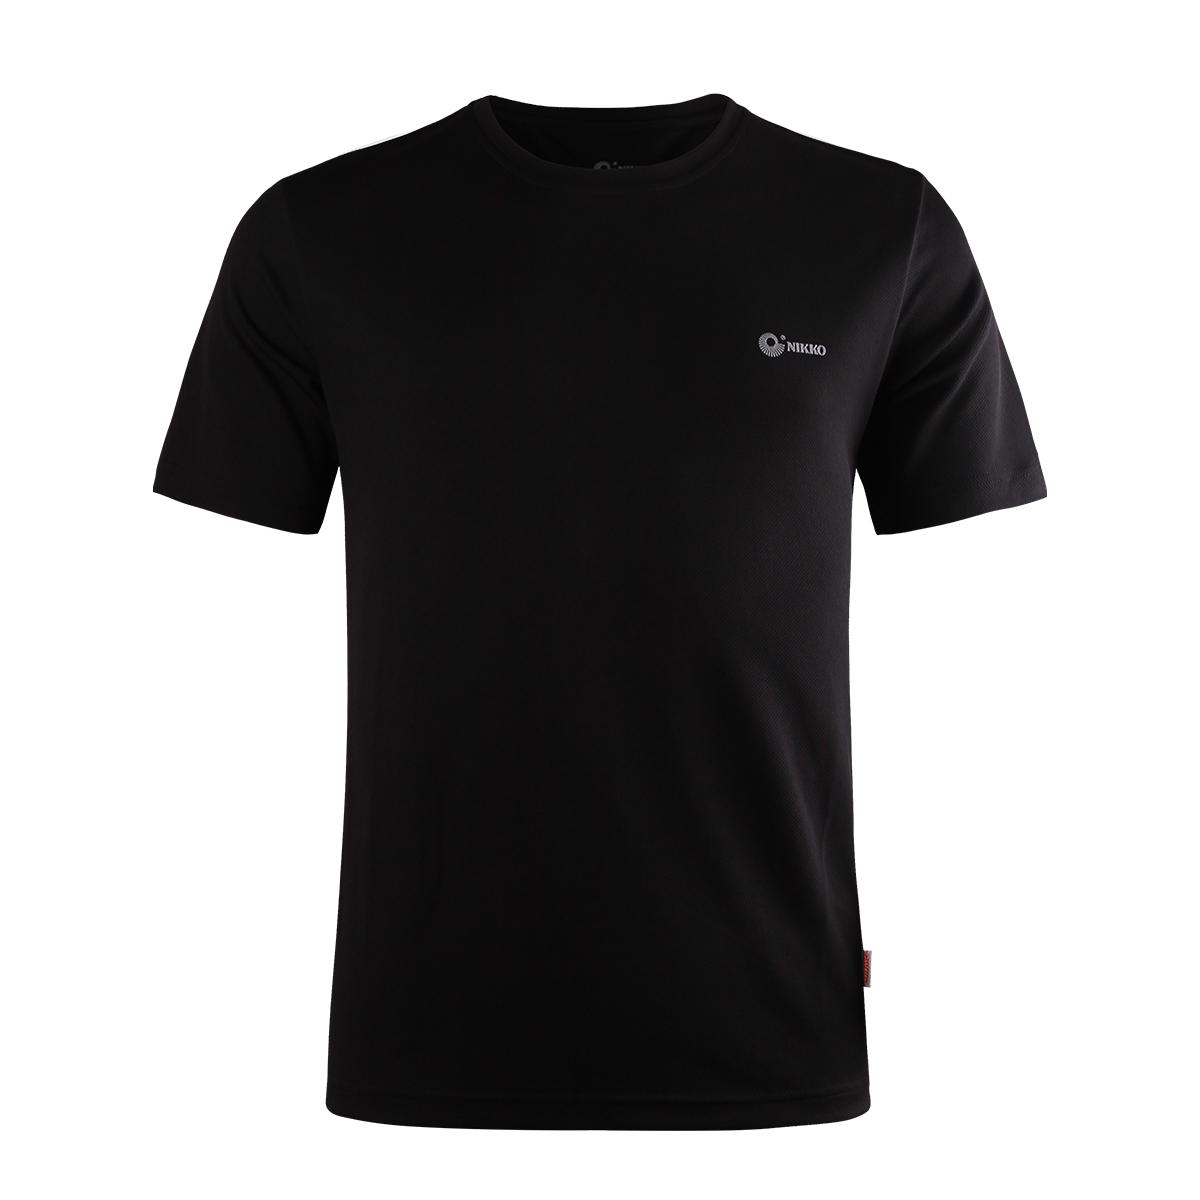 【三件99元】Nikko日高户外速干T恤快干衣男短袖女排汗运动T恤